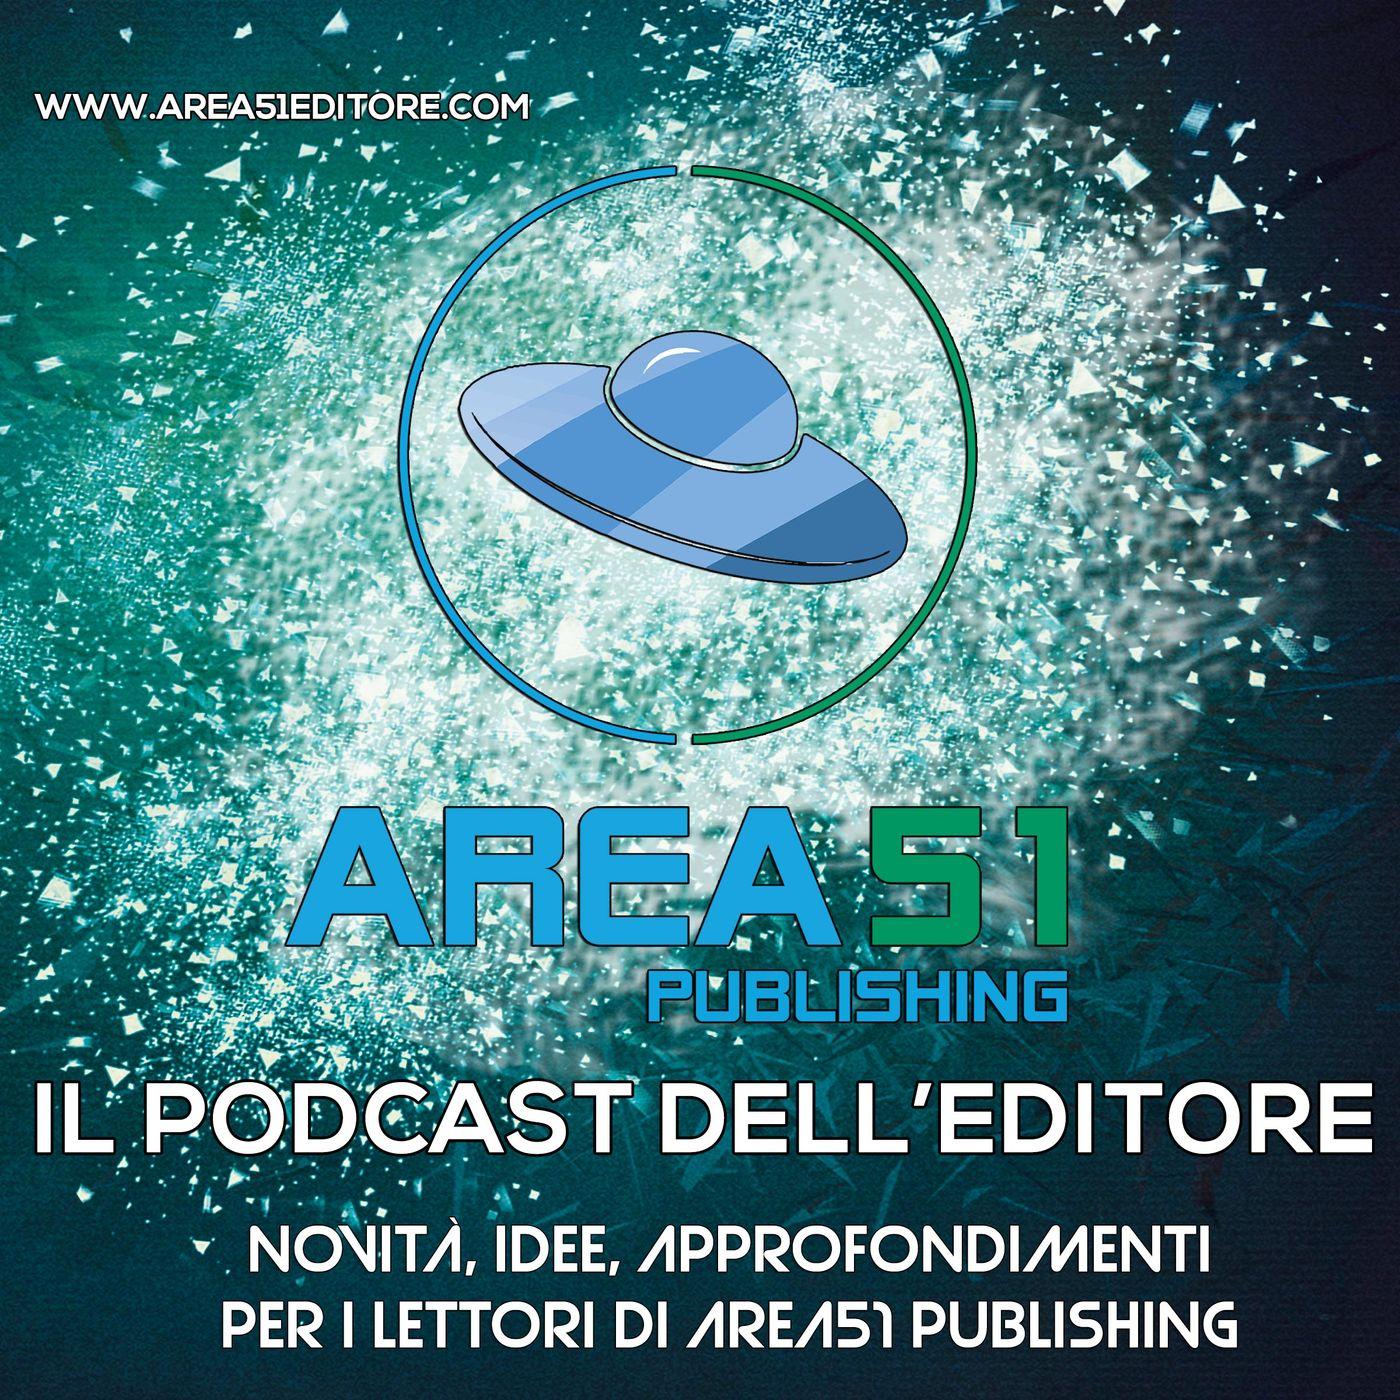 A51 Il podcast dell'editore